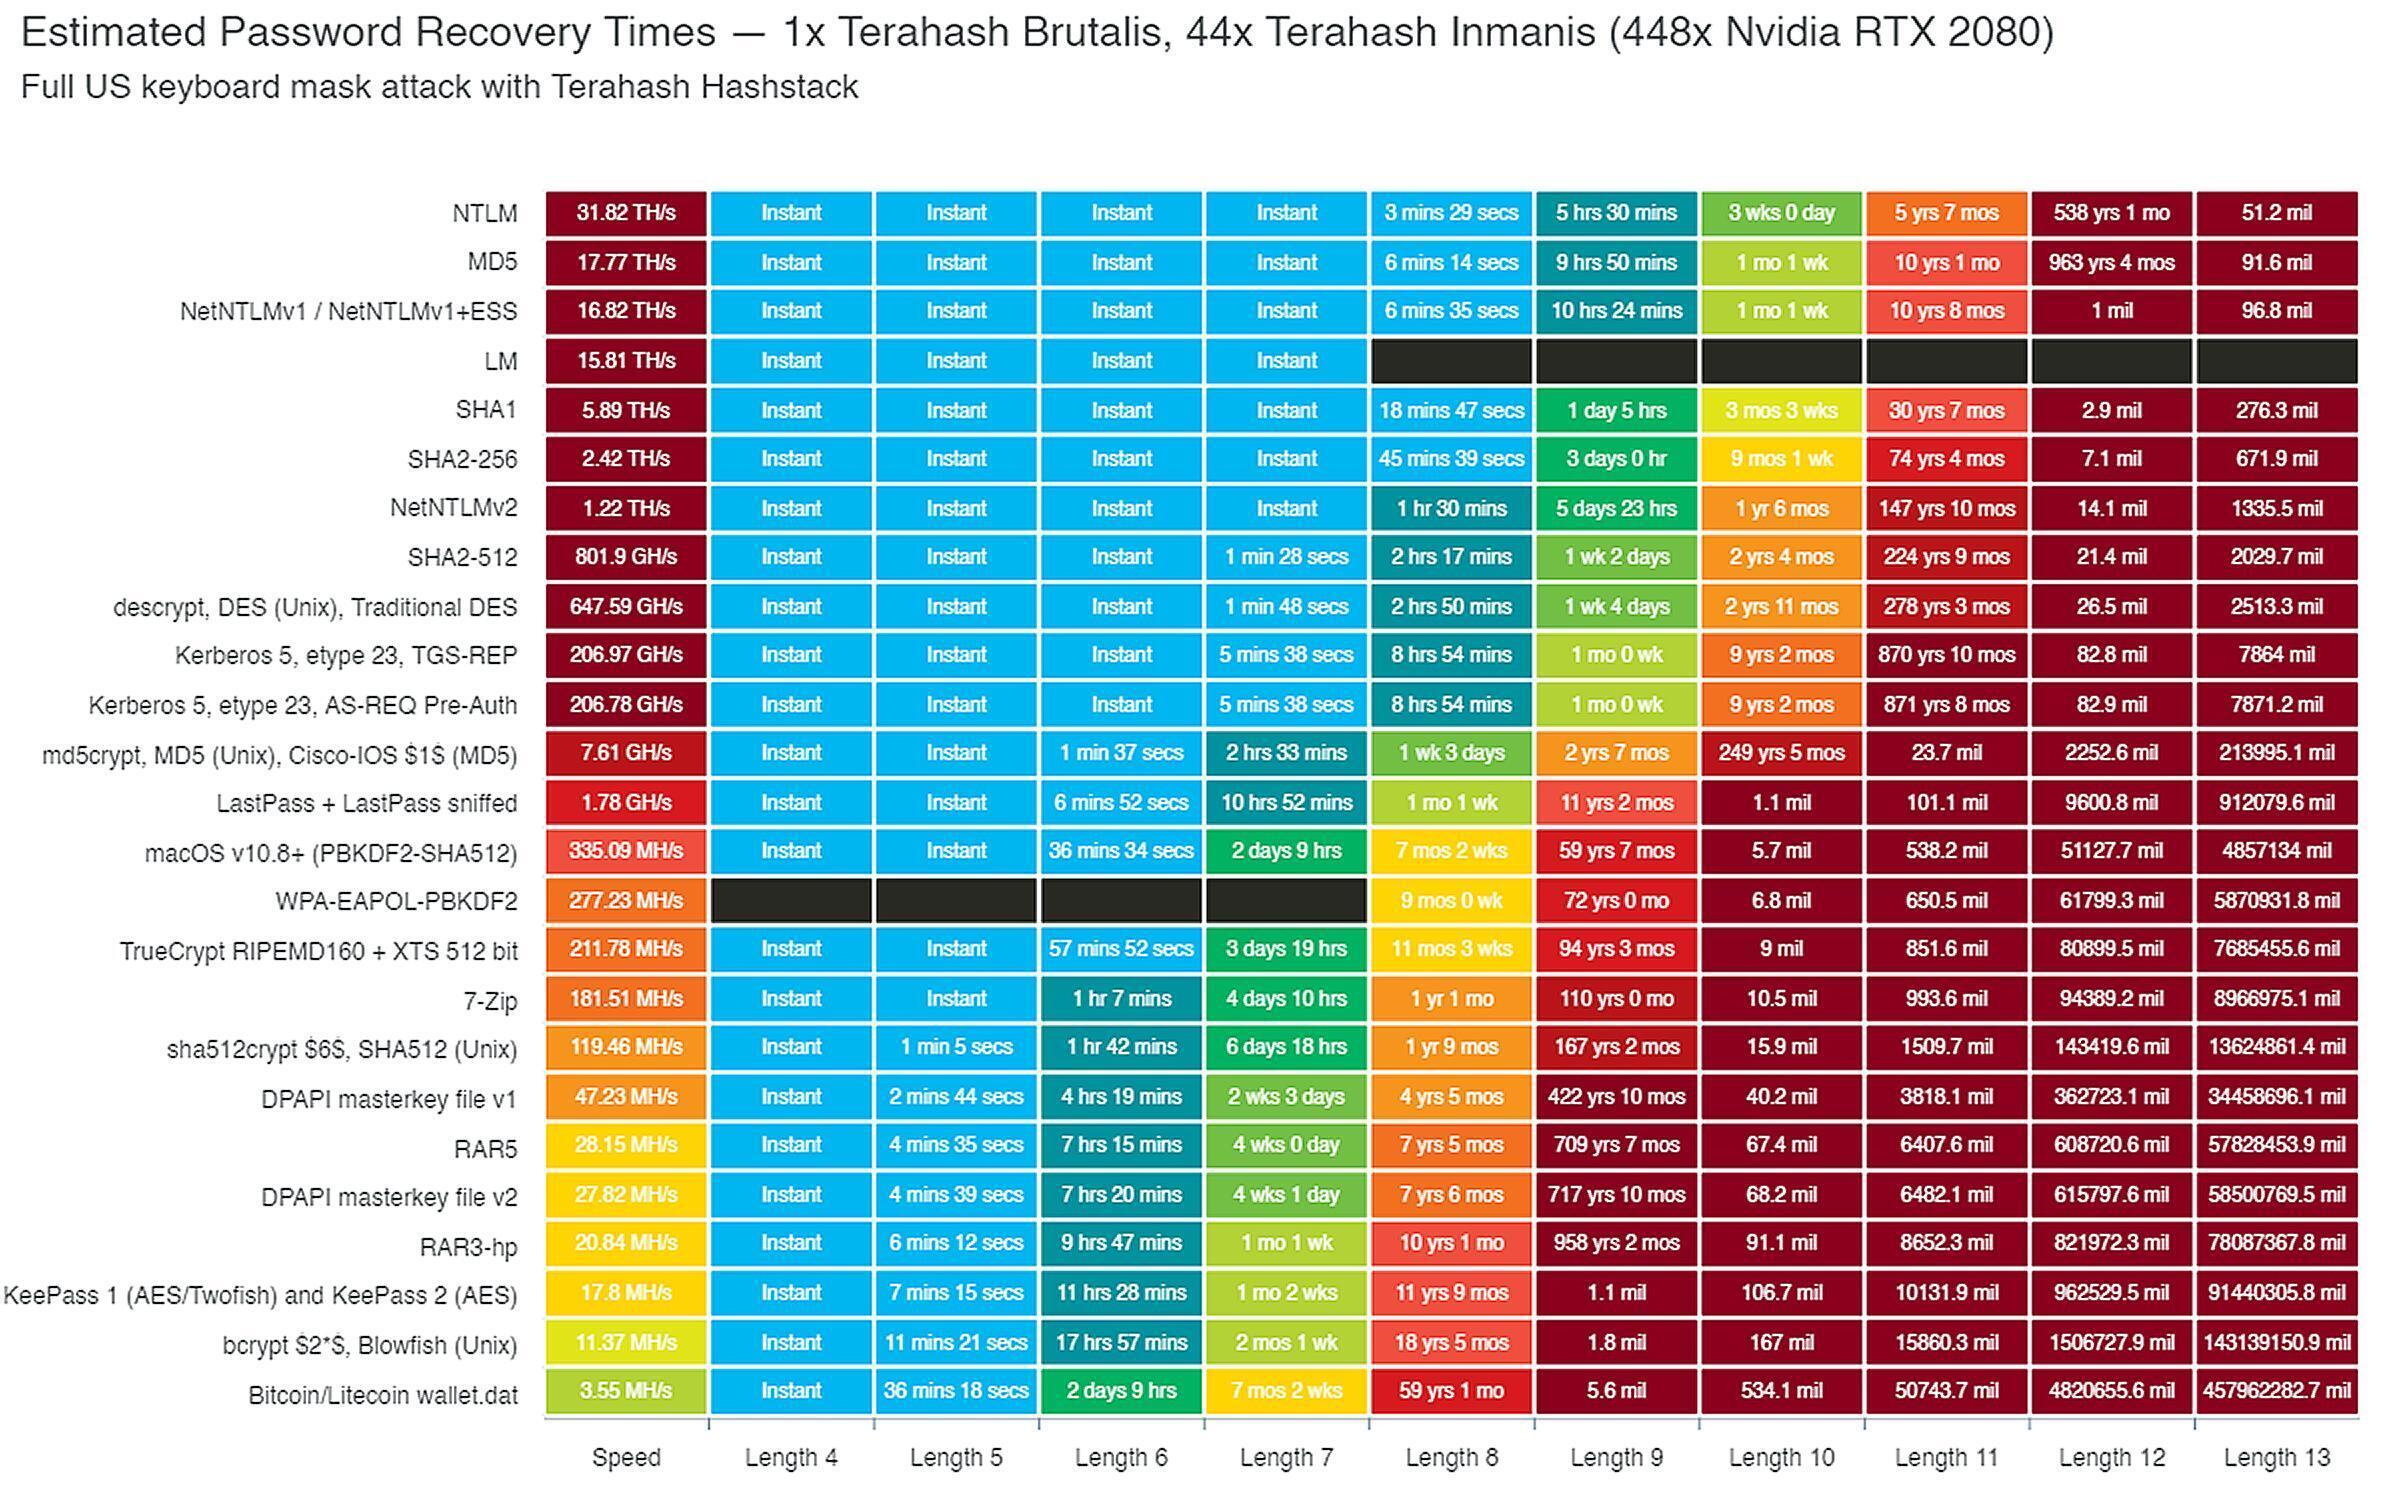 شرکتهای بزرگی مثل Terahash میتوانند چند صد جی پی یوی قدرتمند را ترکیب کنند تا راهکارهایی قوی برای کرک کردن پسورد بسازند که رمزهای ضعیف را بلافاصله هک میکنند. این نمودار نشان میدهد که تنها اضافه کردن چند کاراکتر به یک پسورد میتواند زمان لازم برای کرک کردن آن را به طور قابل ملاحظهای افزایش دهد، حتی در صورت استفاده از چندین جی پی یو.